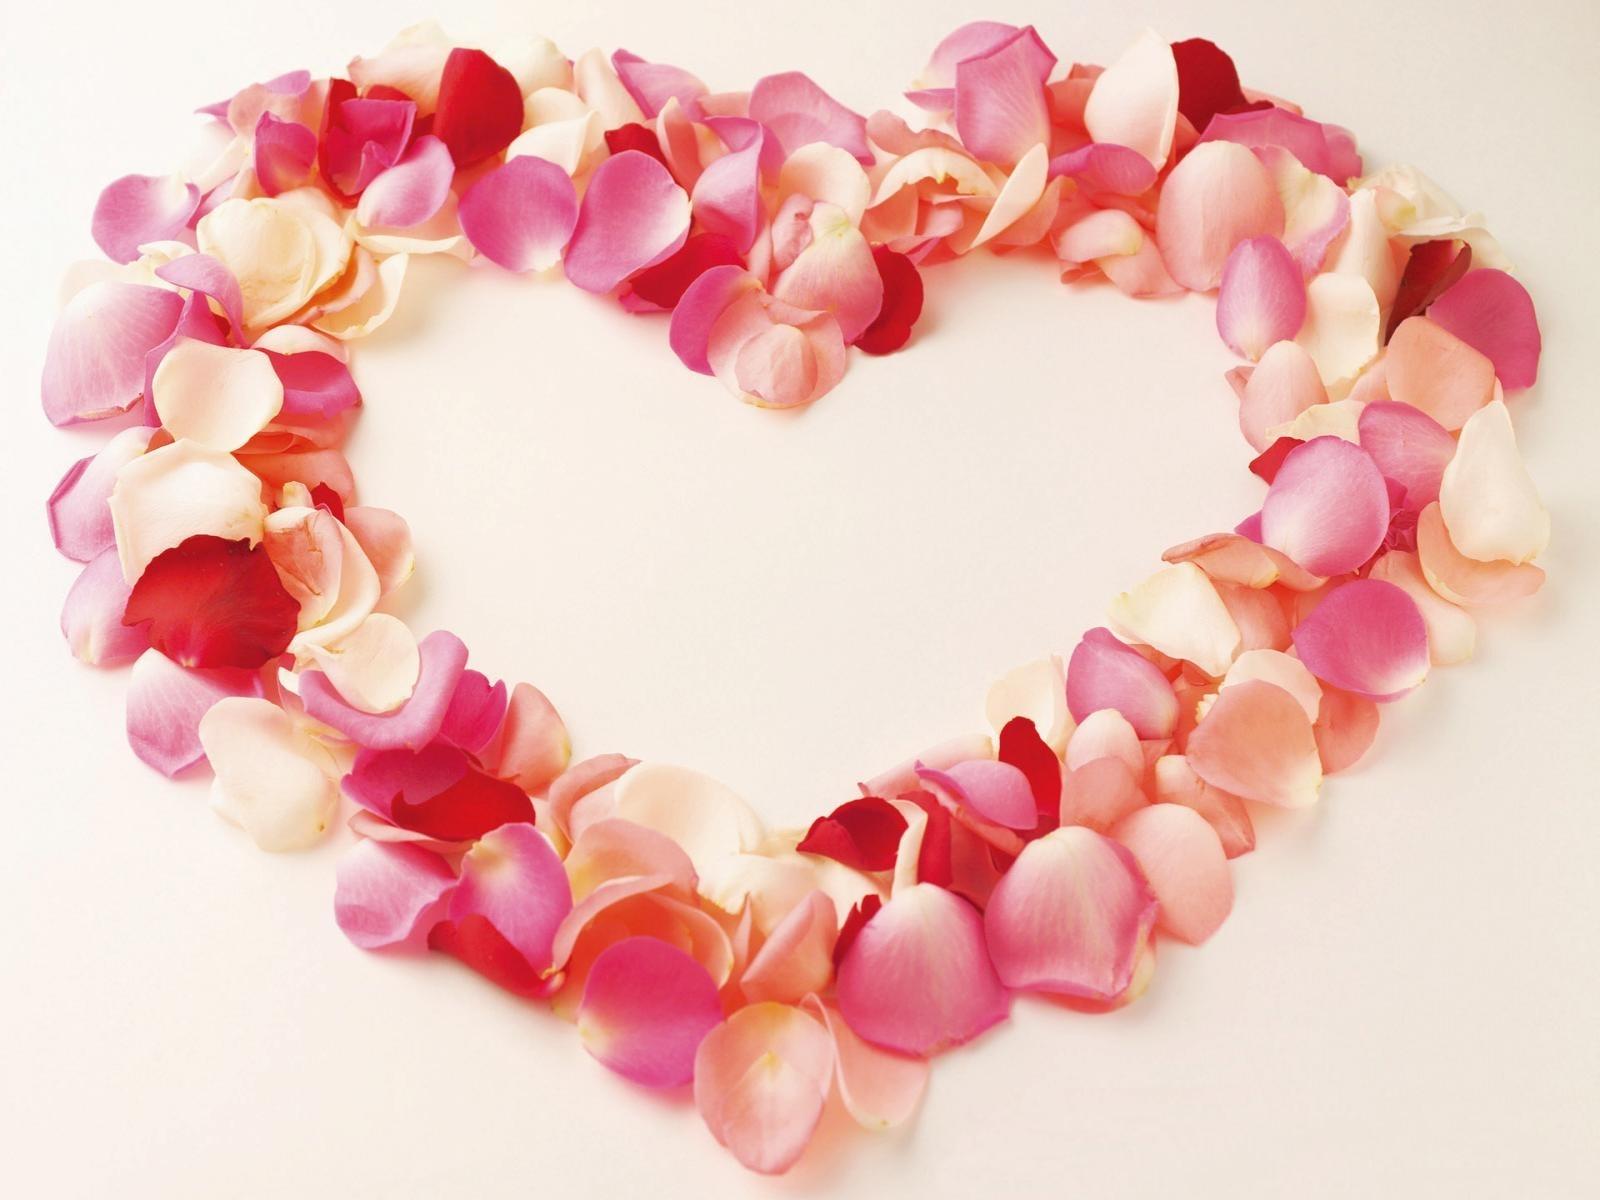 http://1.bp.blogspot.com/-Rw4lcMIv0YI/TfG9FgHKkwI/AAAAAAAABWY/Qft7ve-rxqE/s1600/love-wallpaper-40.JPG